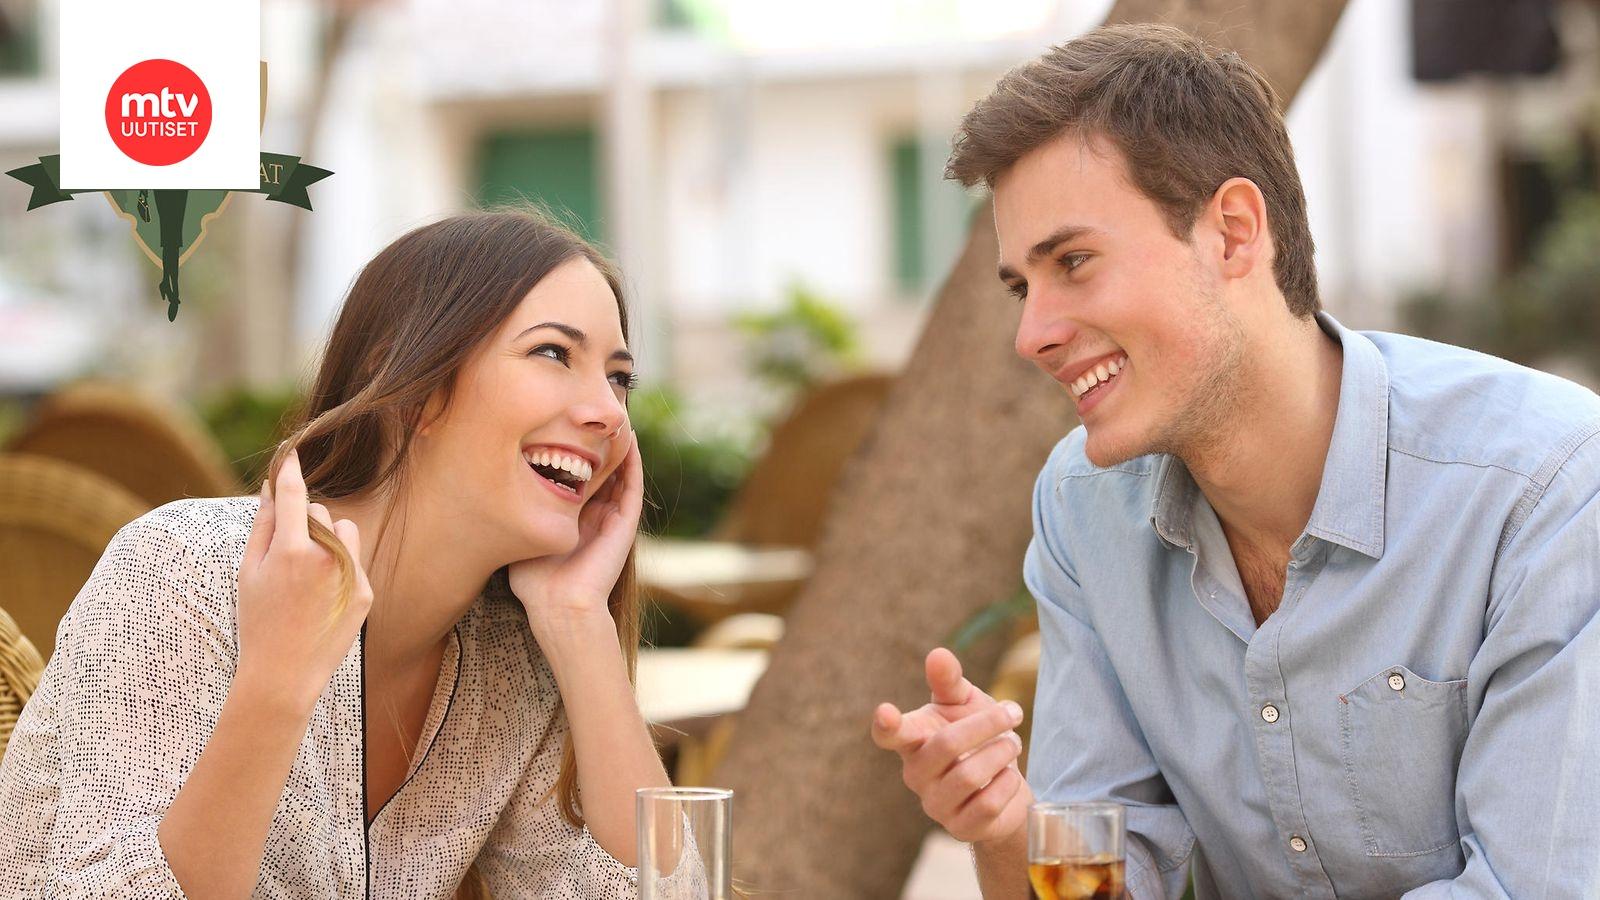 29-vuotias mies dating 18-vuotias nainen